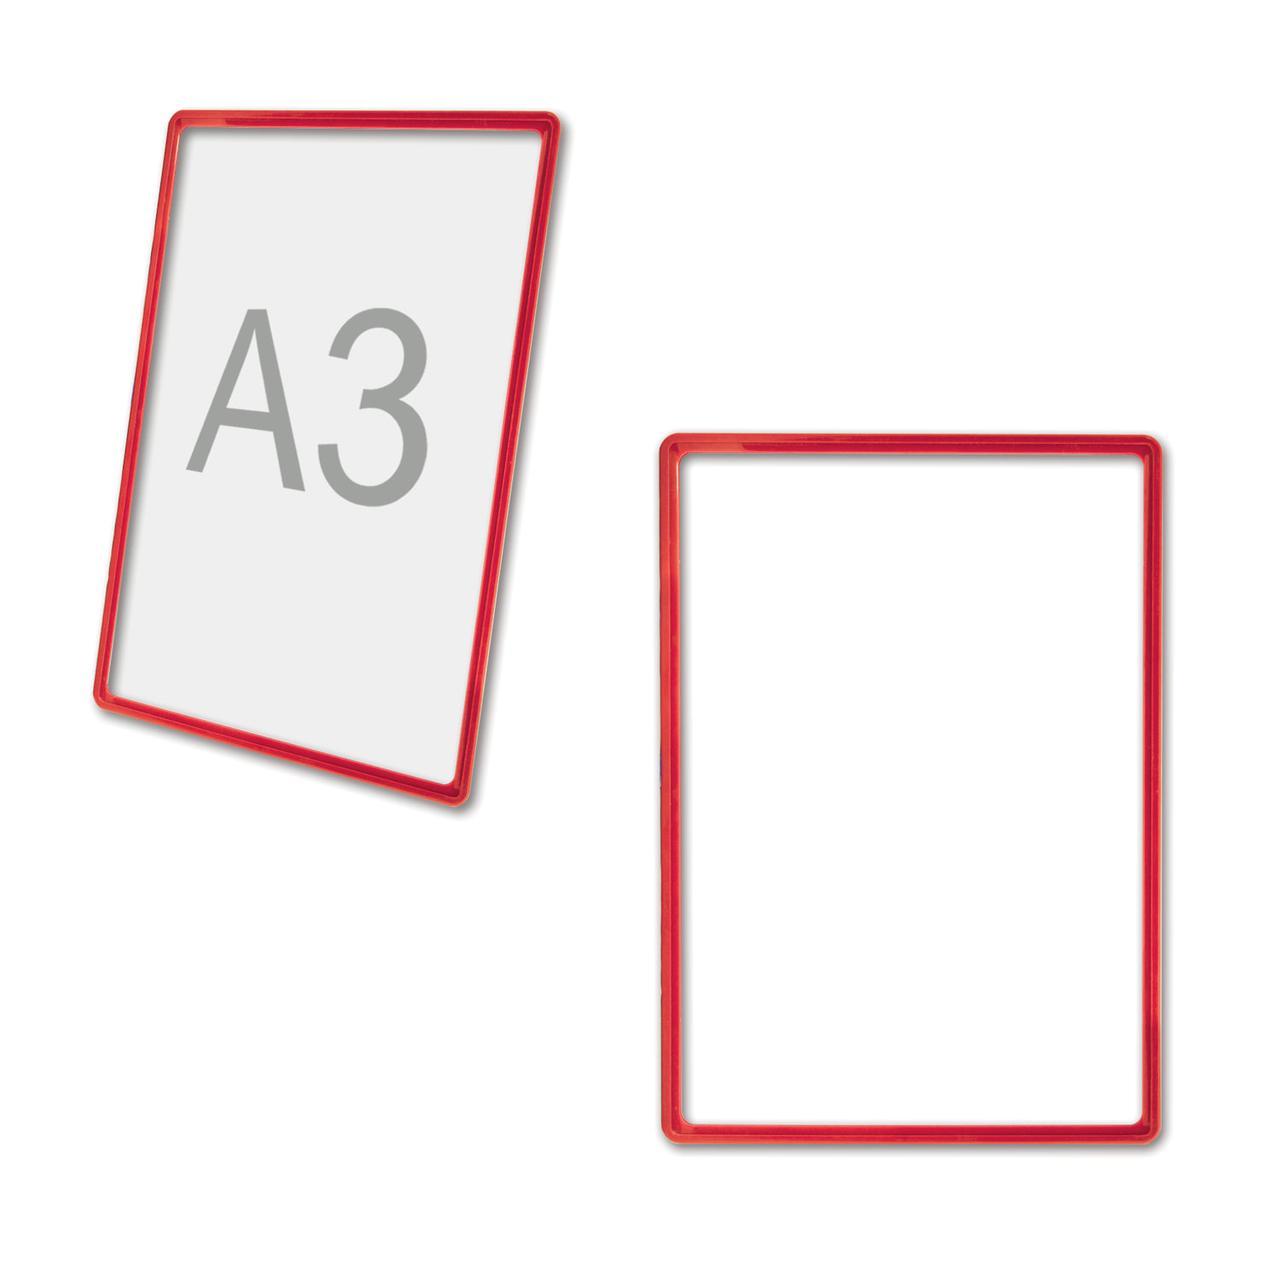 Рамка пластиковая ценникодержатель формата A3 красная информационная табличка б/у